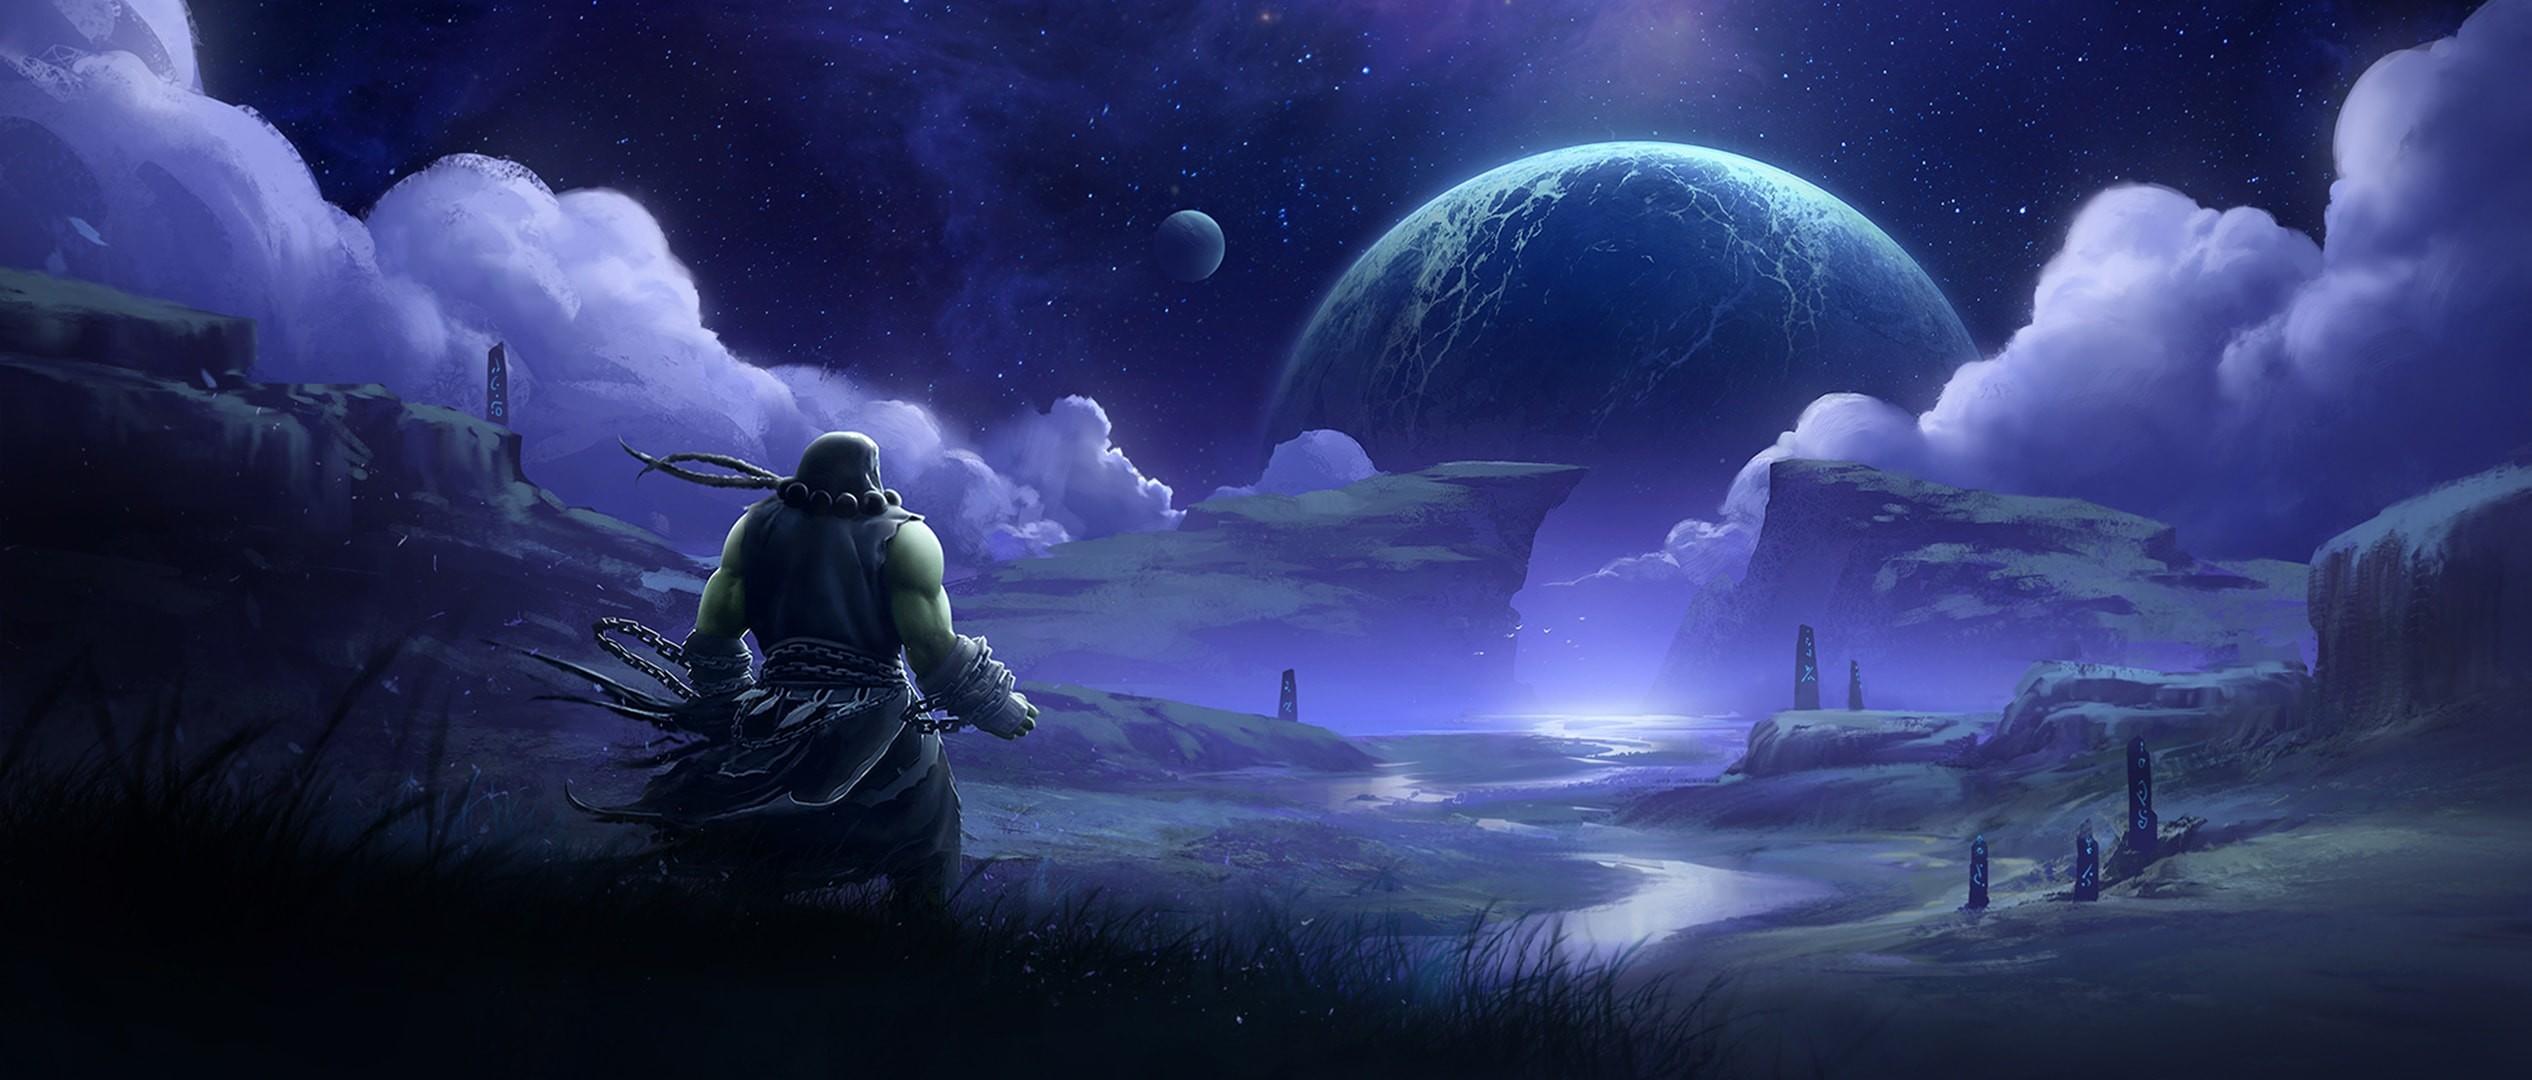 World Of Warcraft Desktop Wallpaper: WoW Shaman Wallpaper (69+ Images